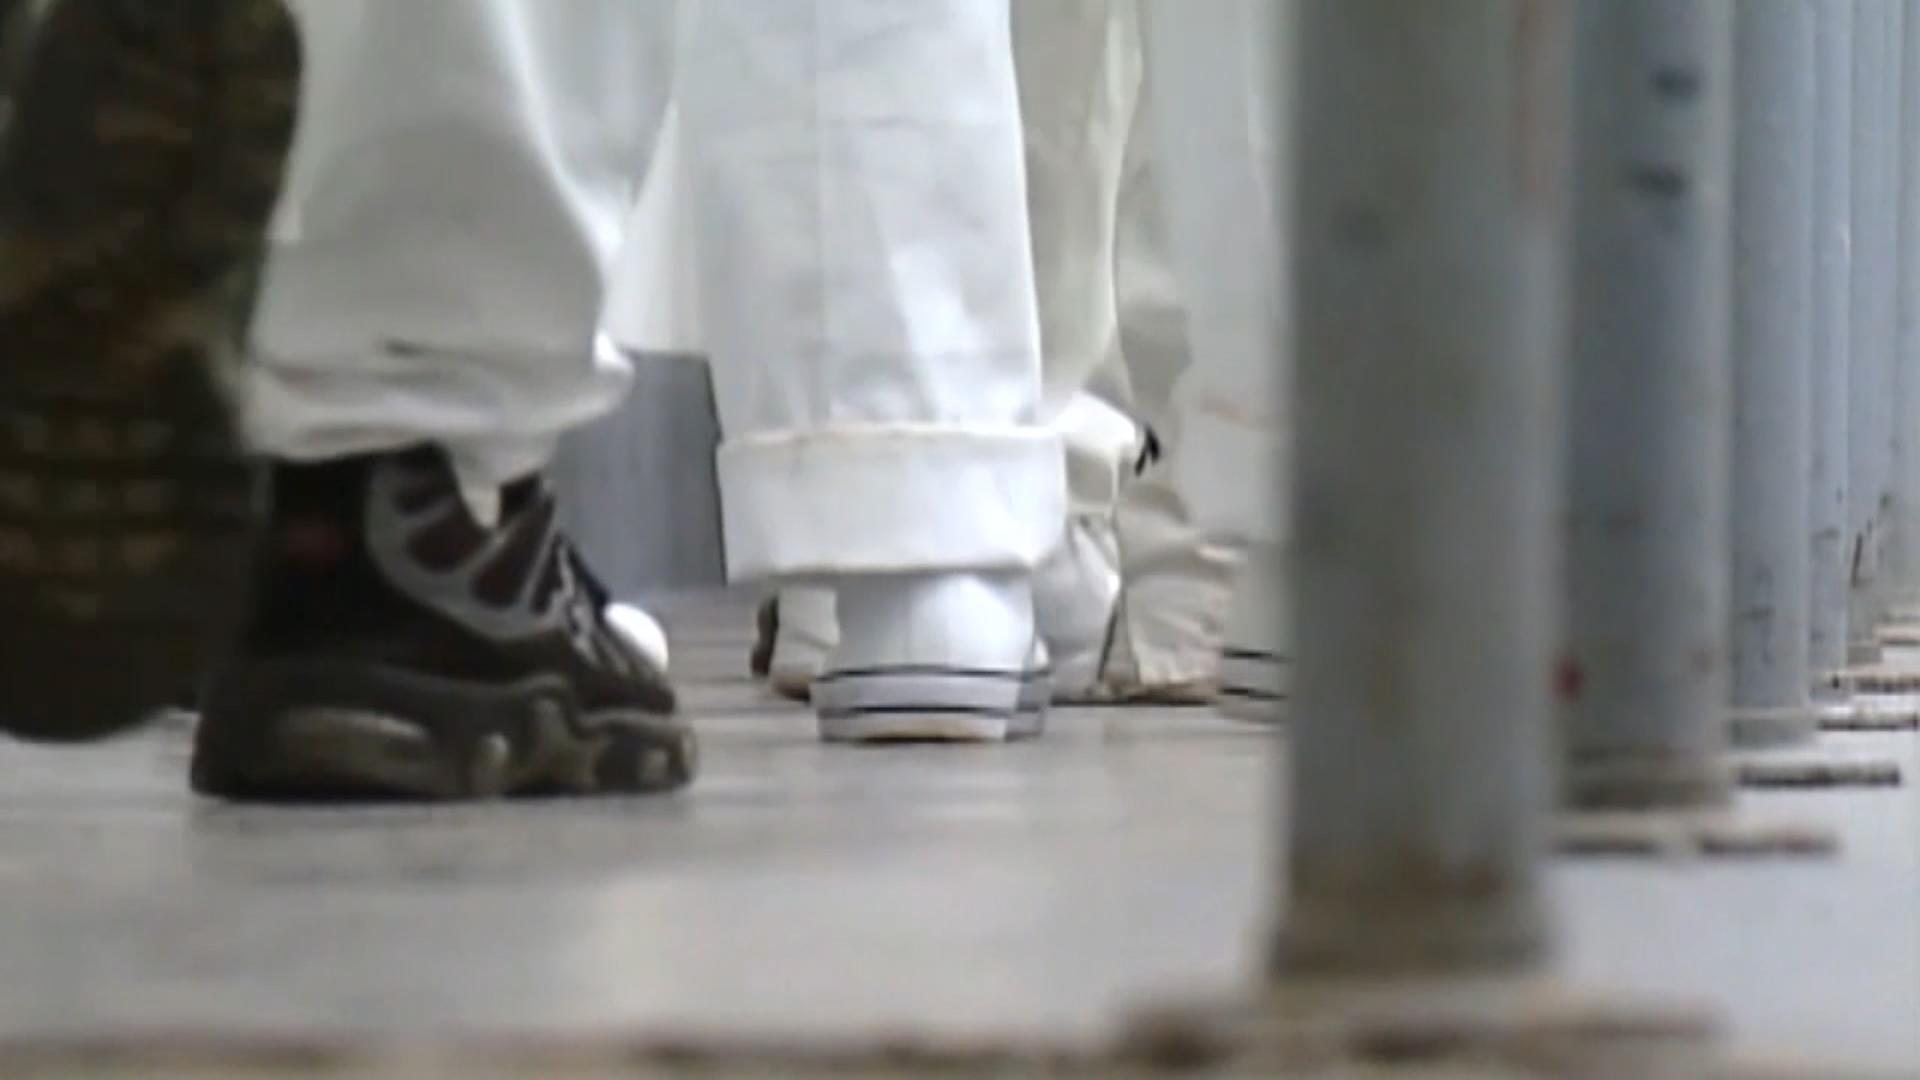 Algunos legisladores de Alabama cuestionan el plan de arrendamiento de prisión de Ivey